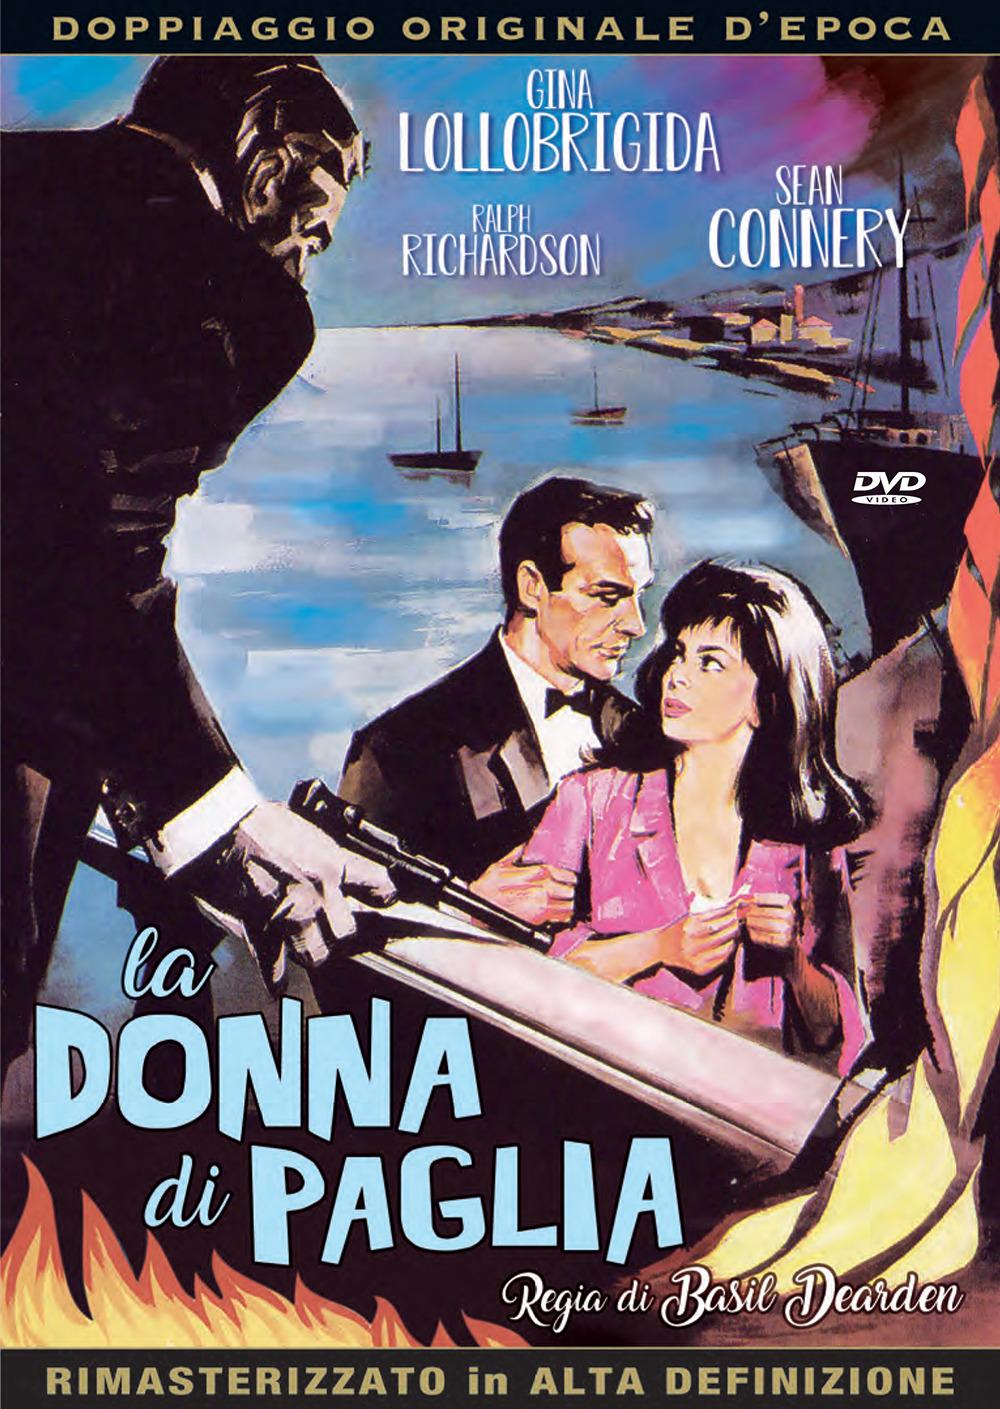 LA DONNA DI PAGLIA (DVD)